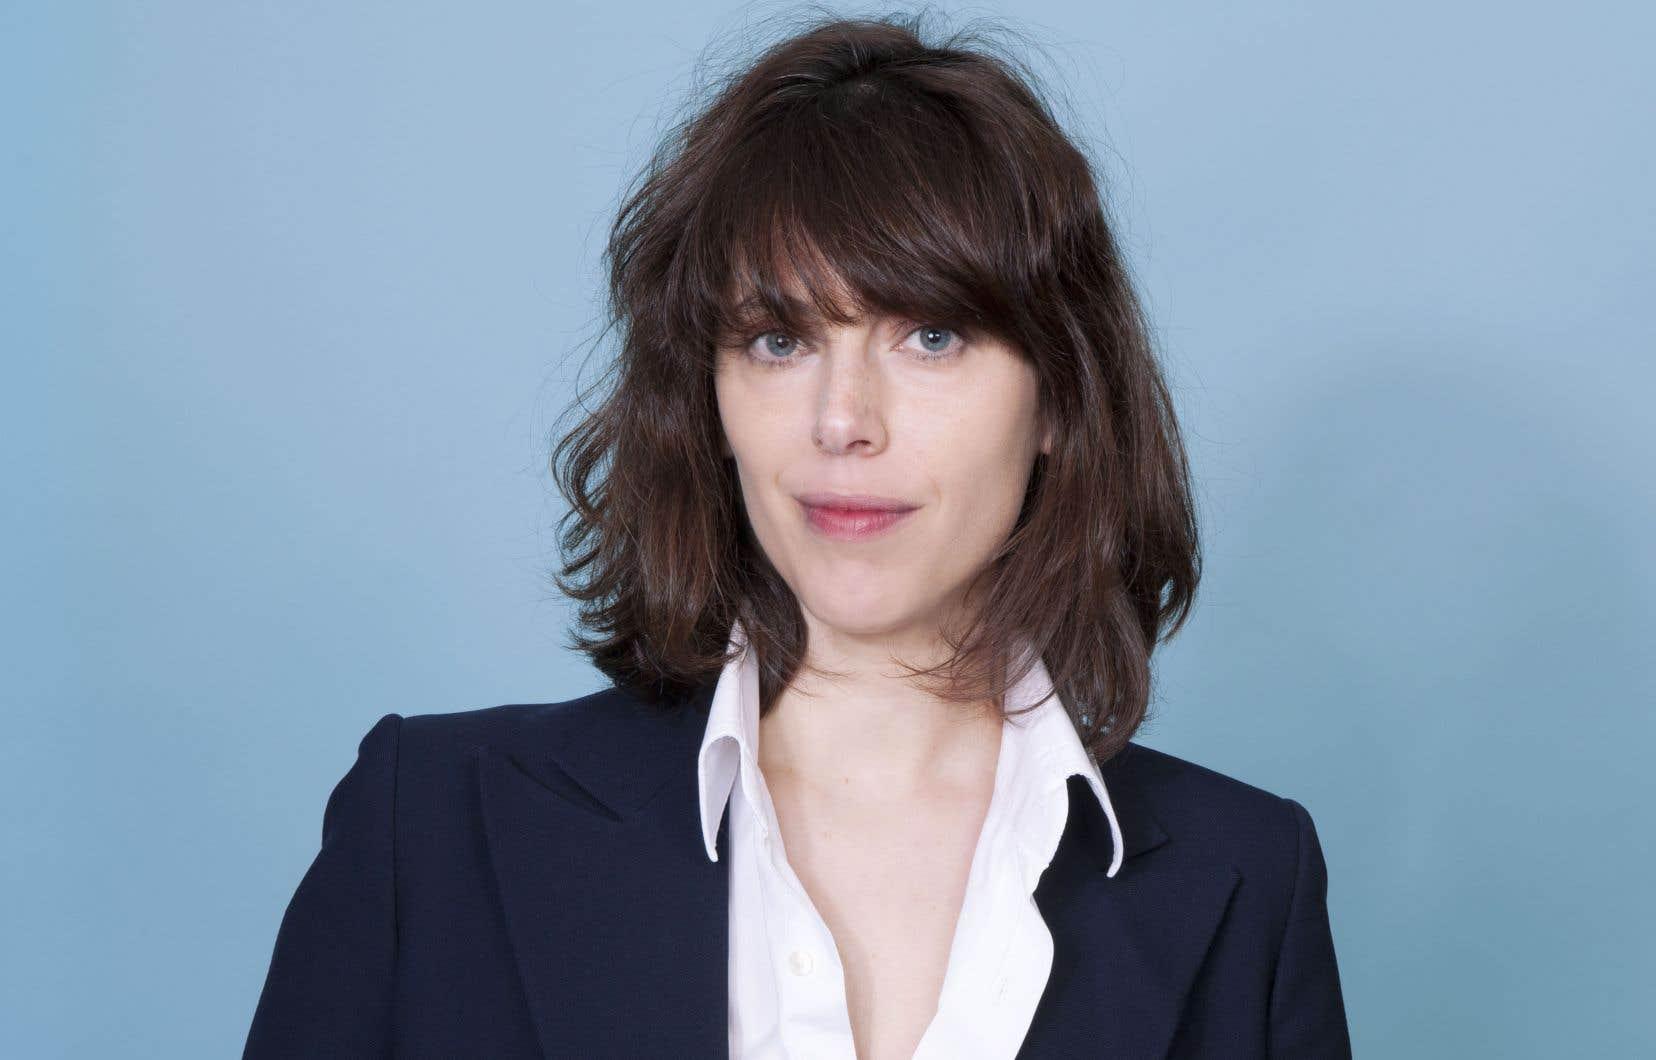 Diane Brasseur écrit des romans cinématographiques (elle revendique le terme) traversés de grands sentiments.